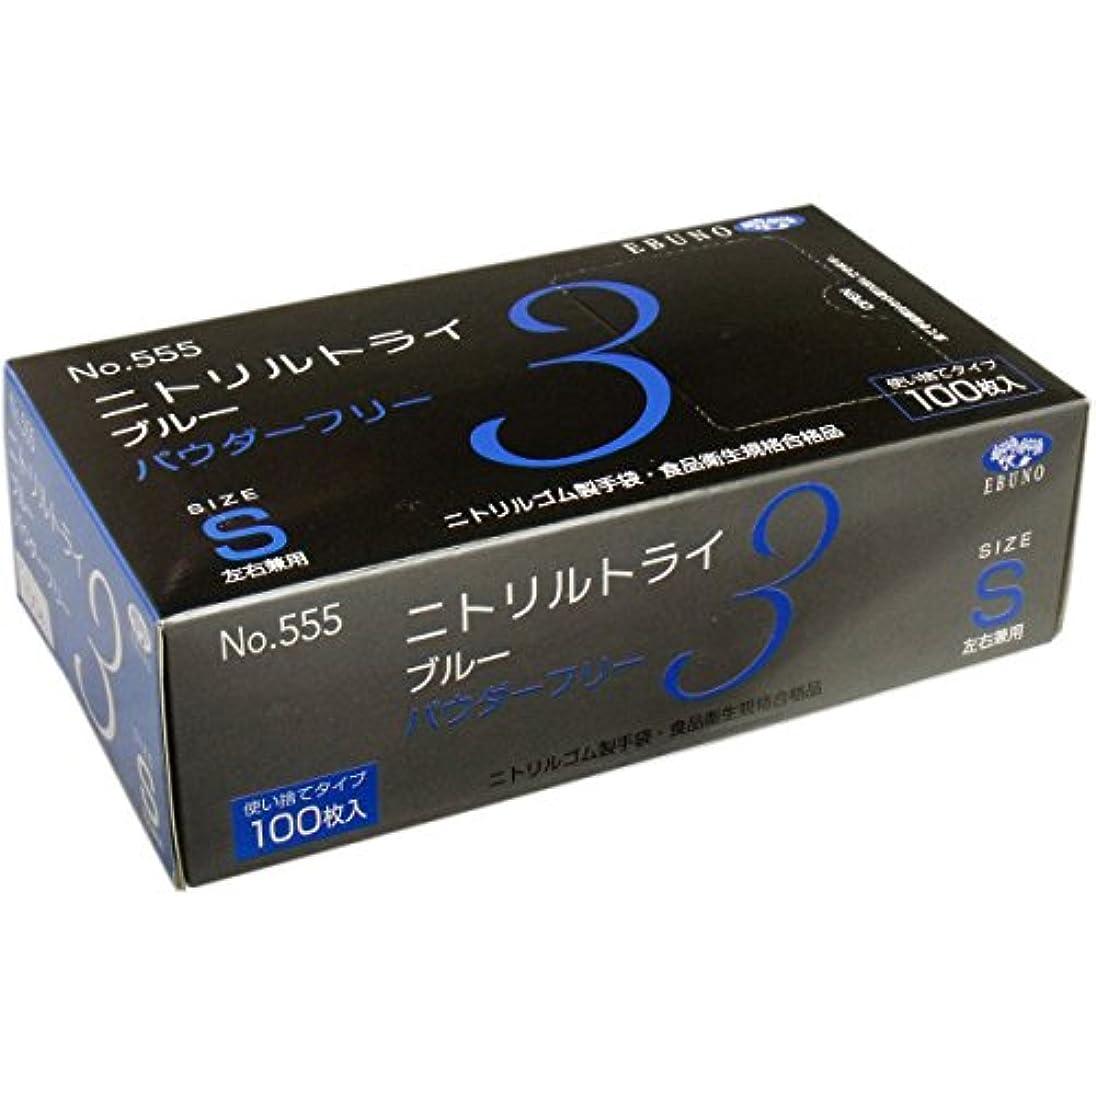 スリム団結するディプロマニトリルトライ3 手袋 ブルー パウダーフリー Sサイズ 100枚入×10個セット